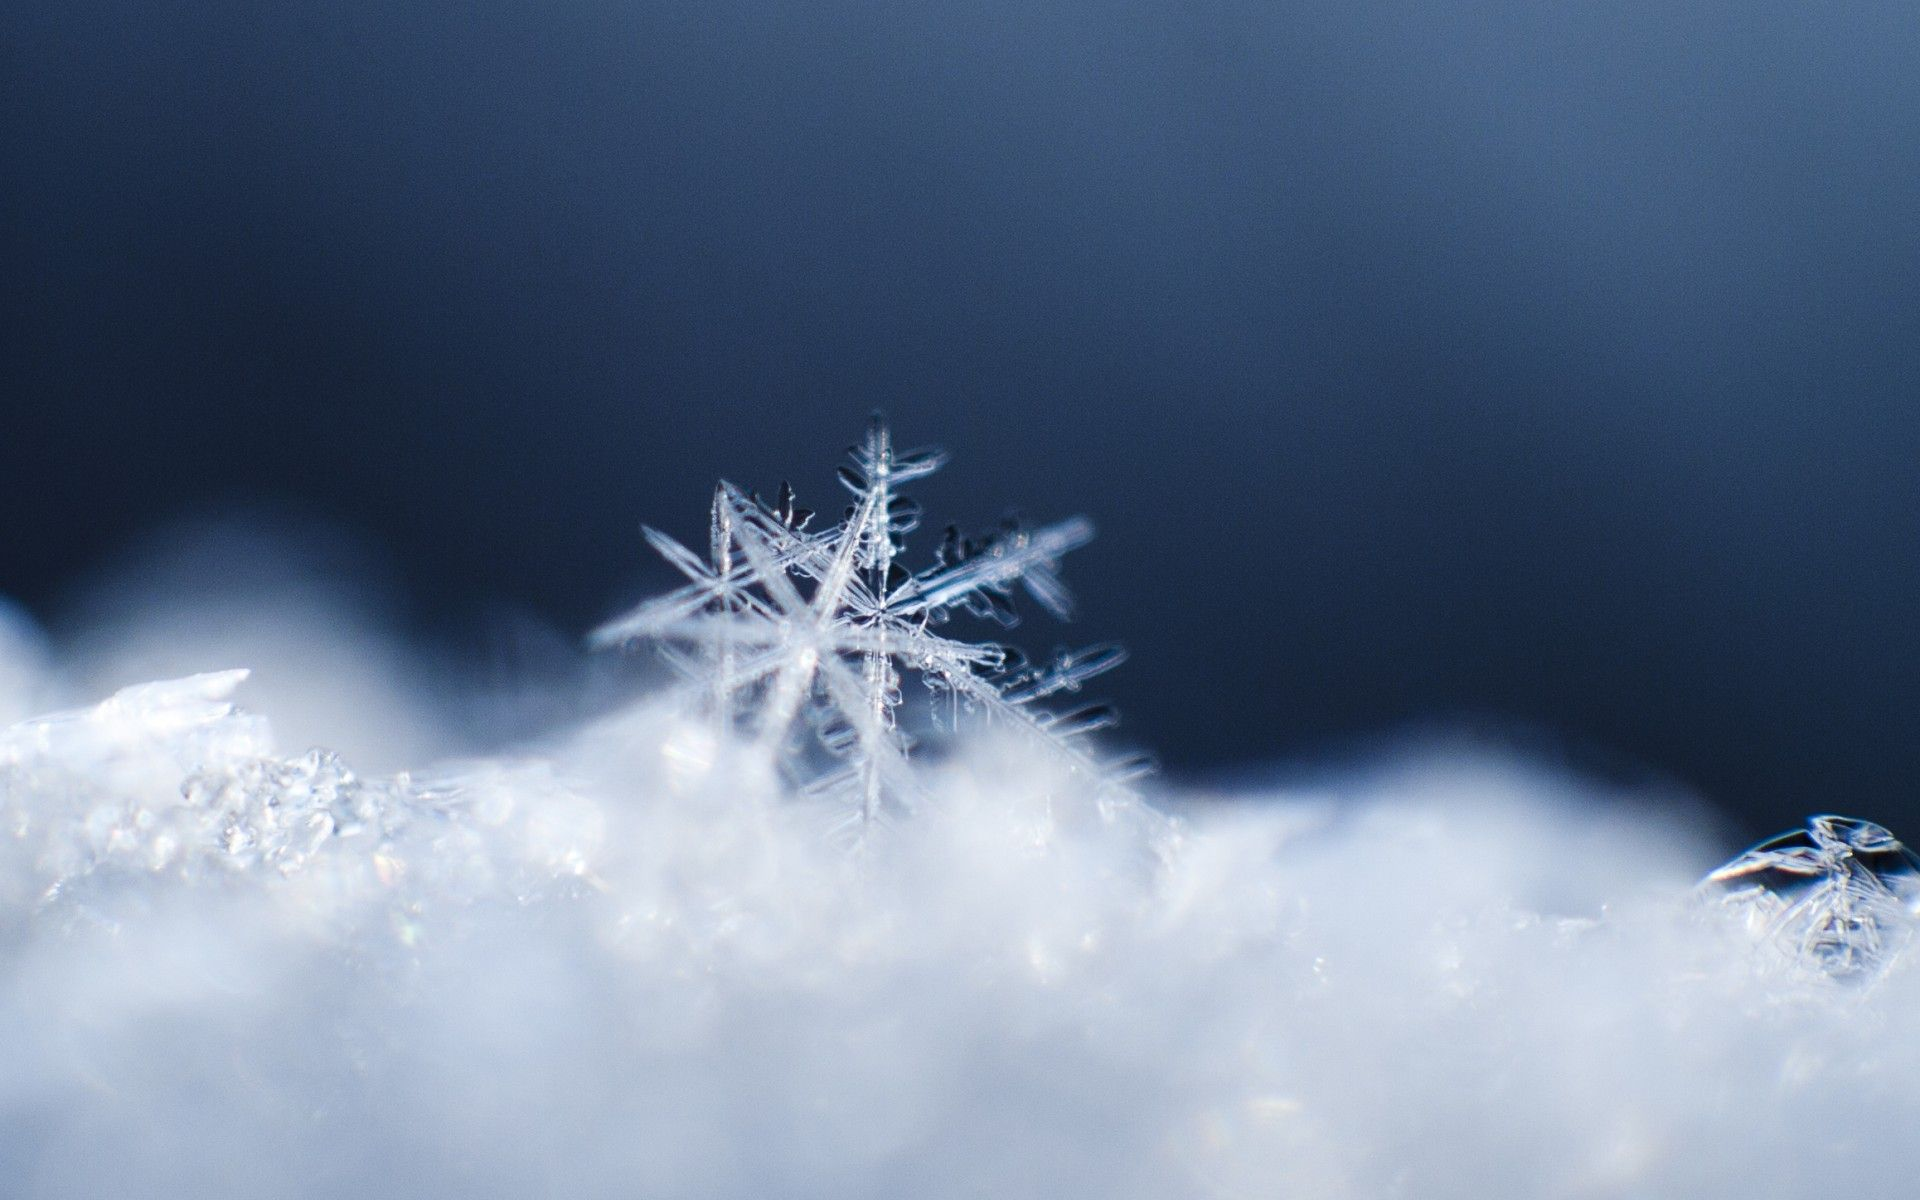 Winter Snow Snowflakes Macro 1920x1200 Wallpaper Snowflakes